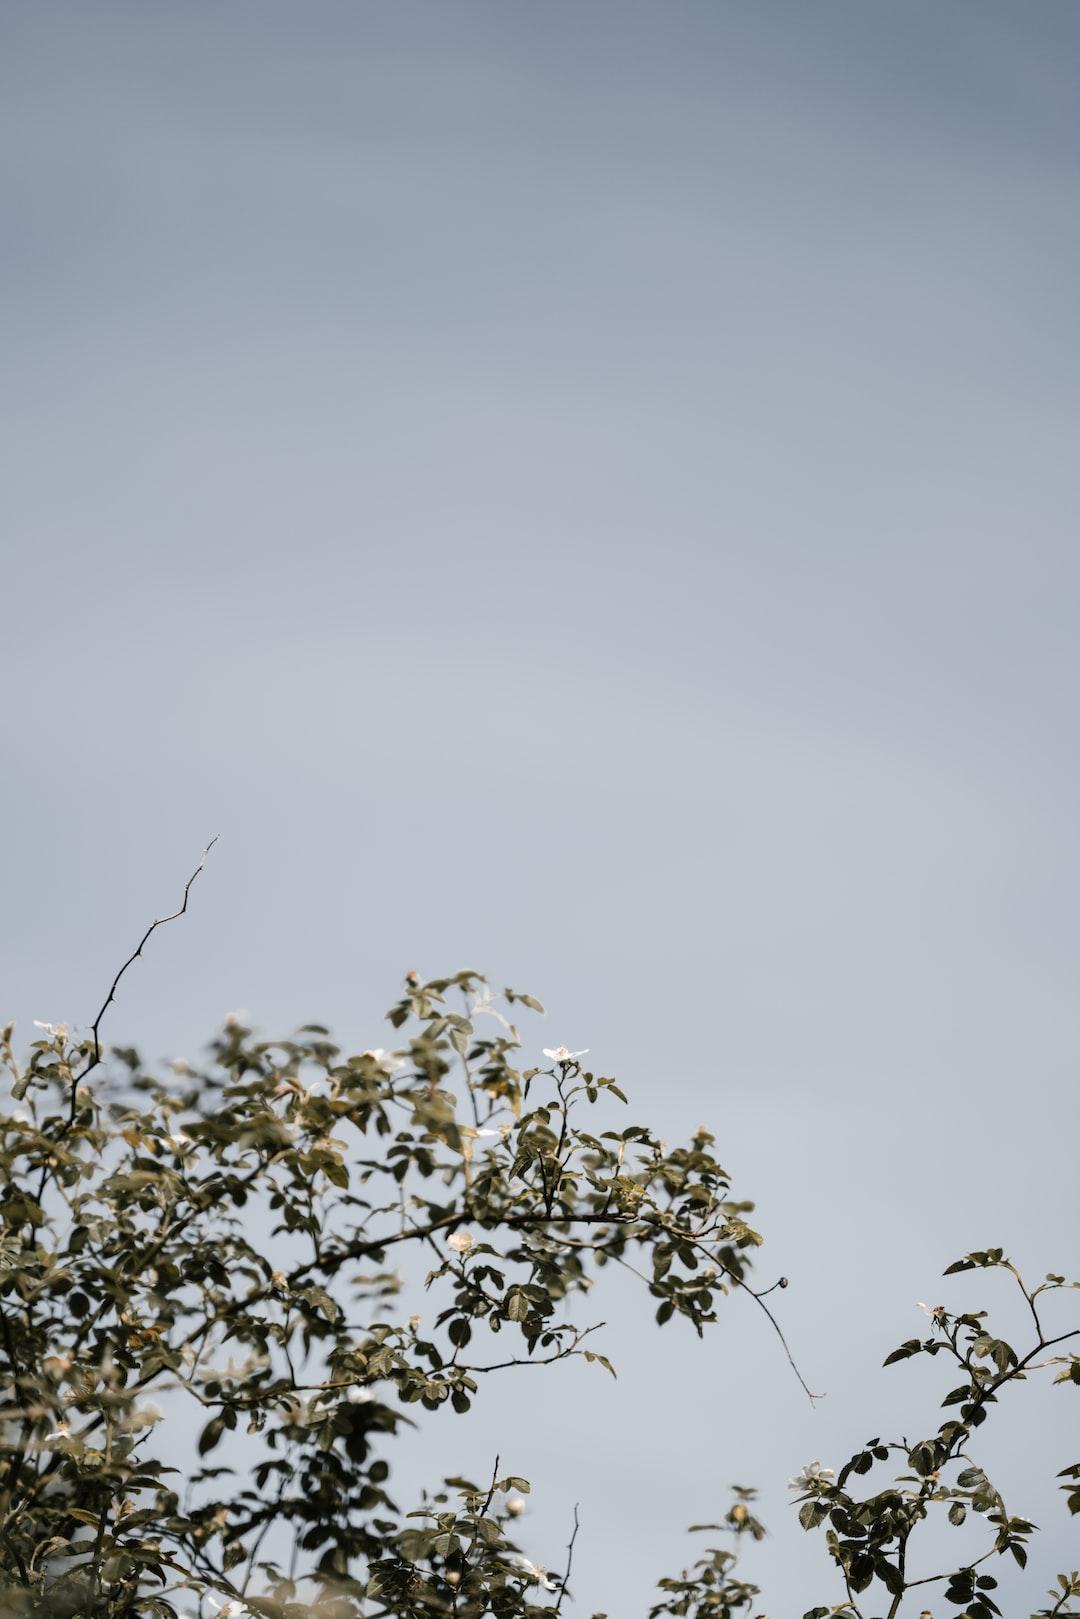 Wild rose bush and blue sky